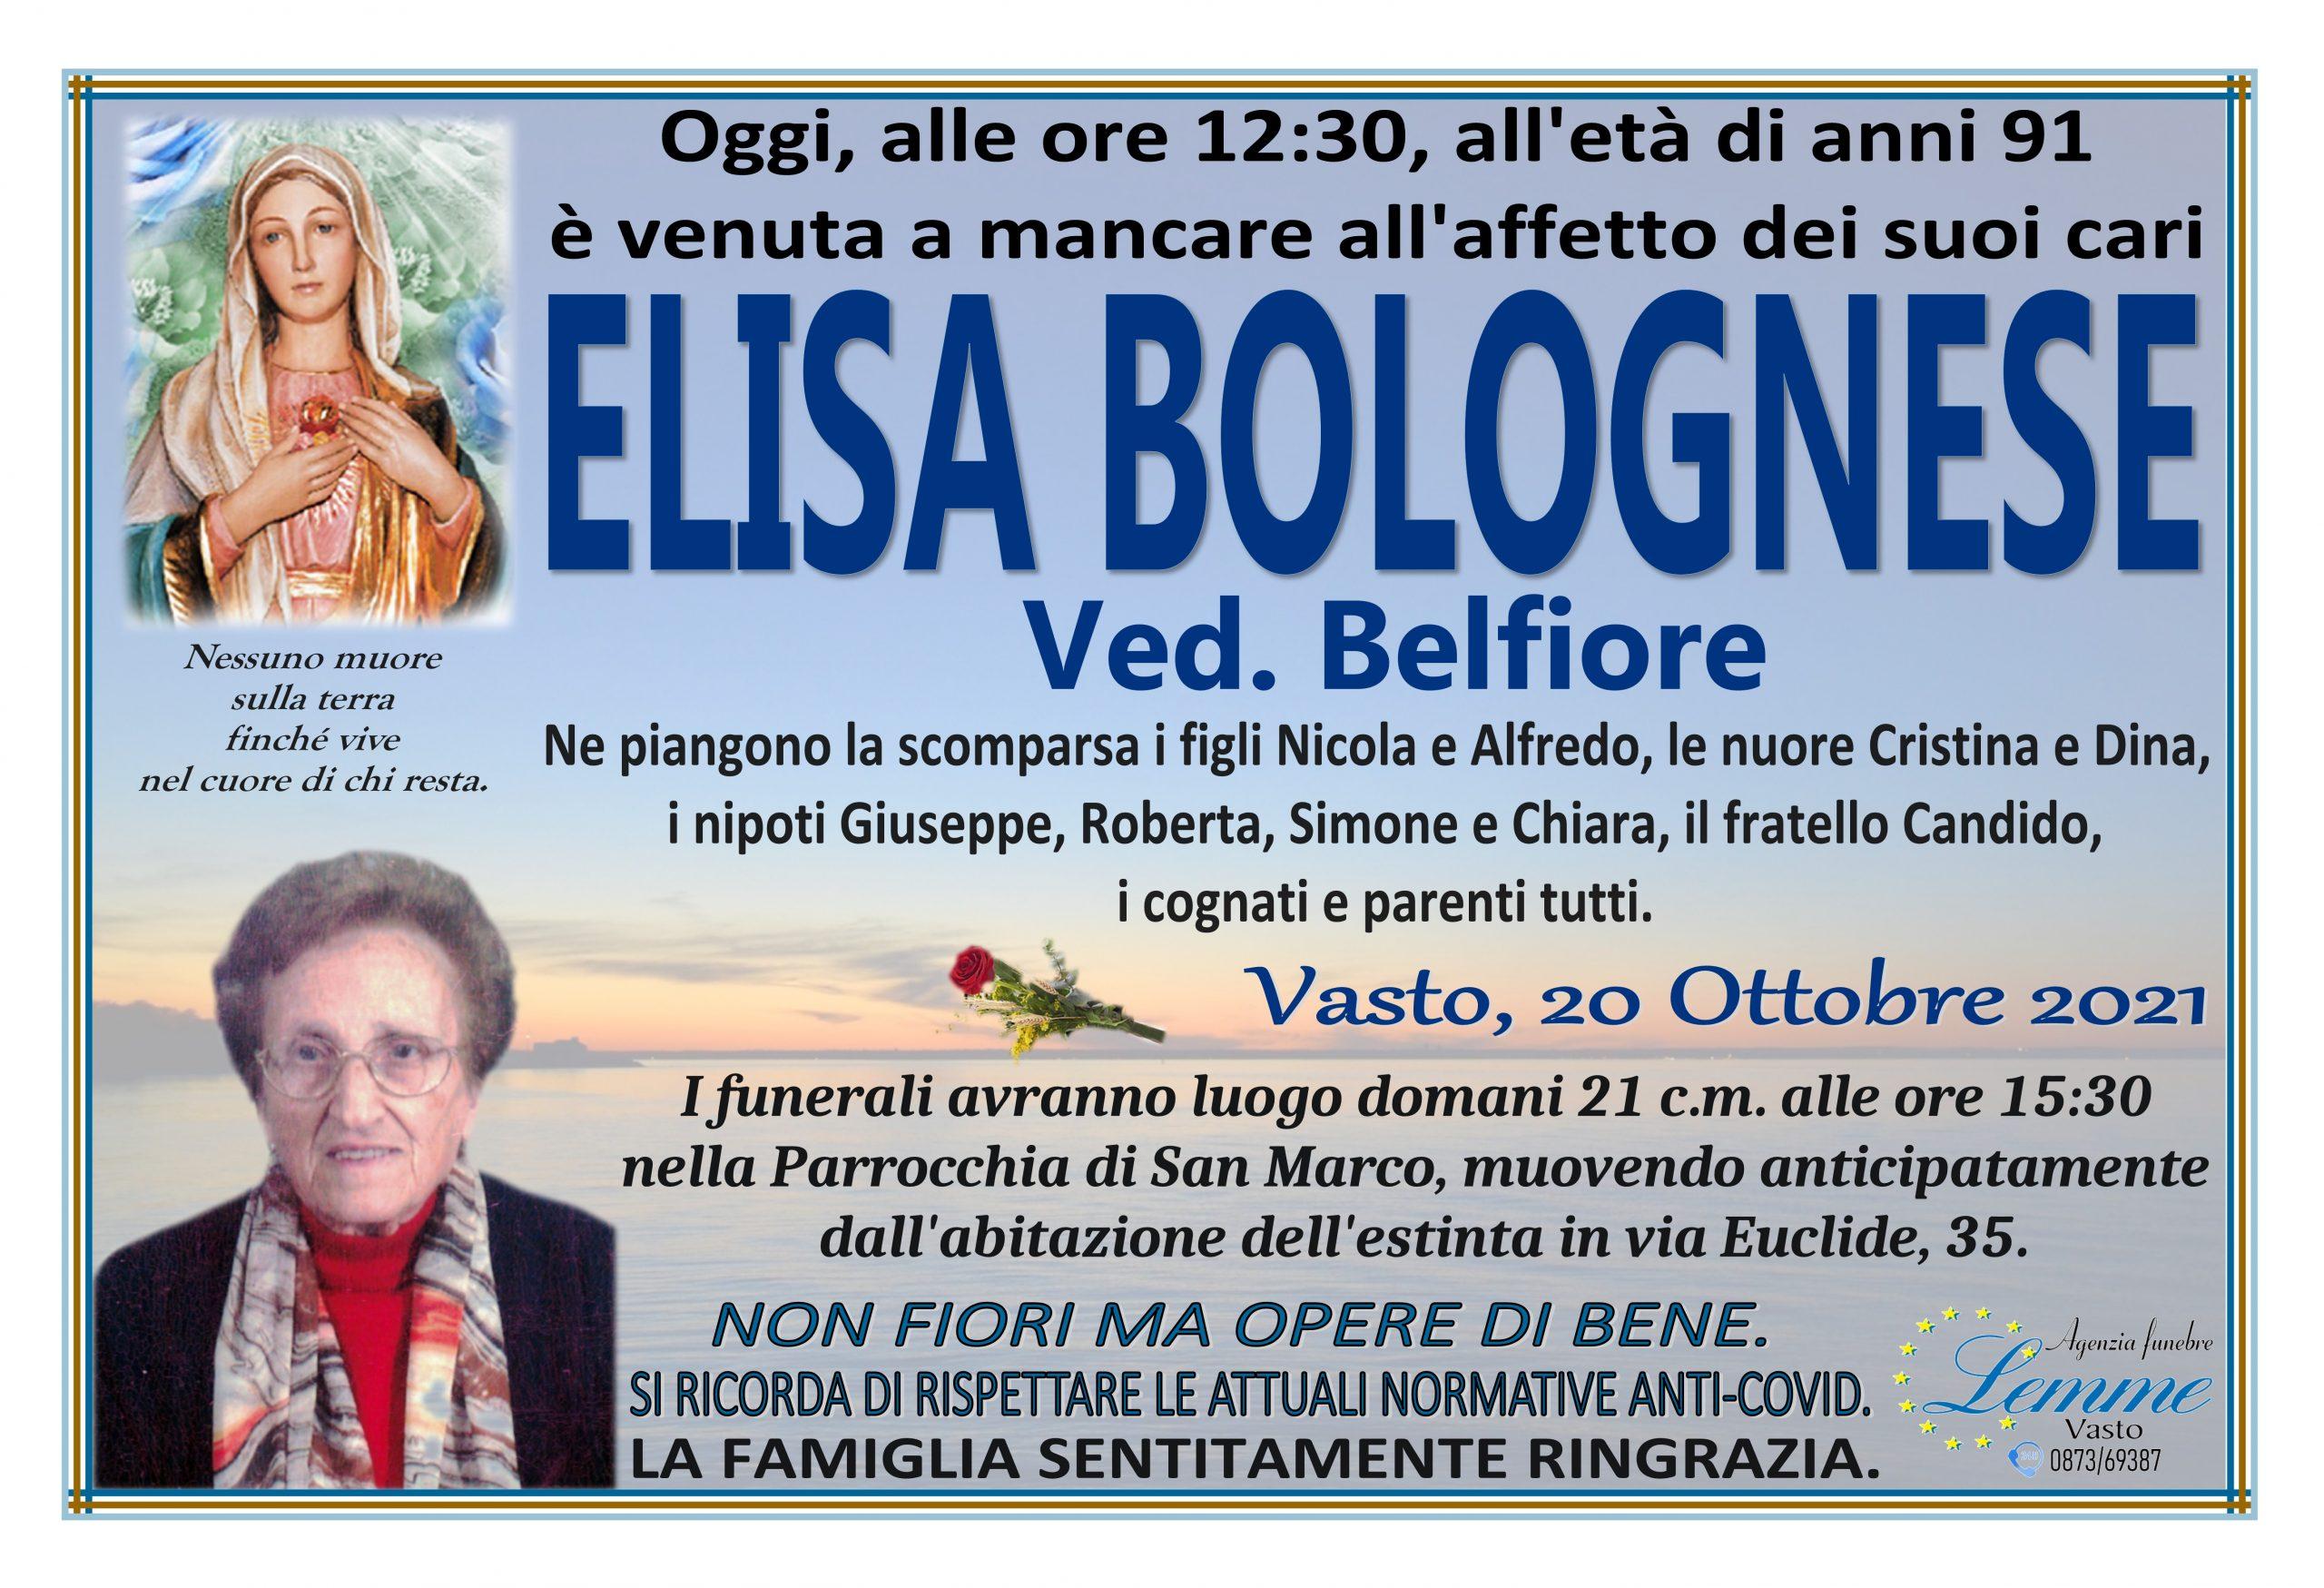 ELISA BOLOGNESE